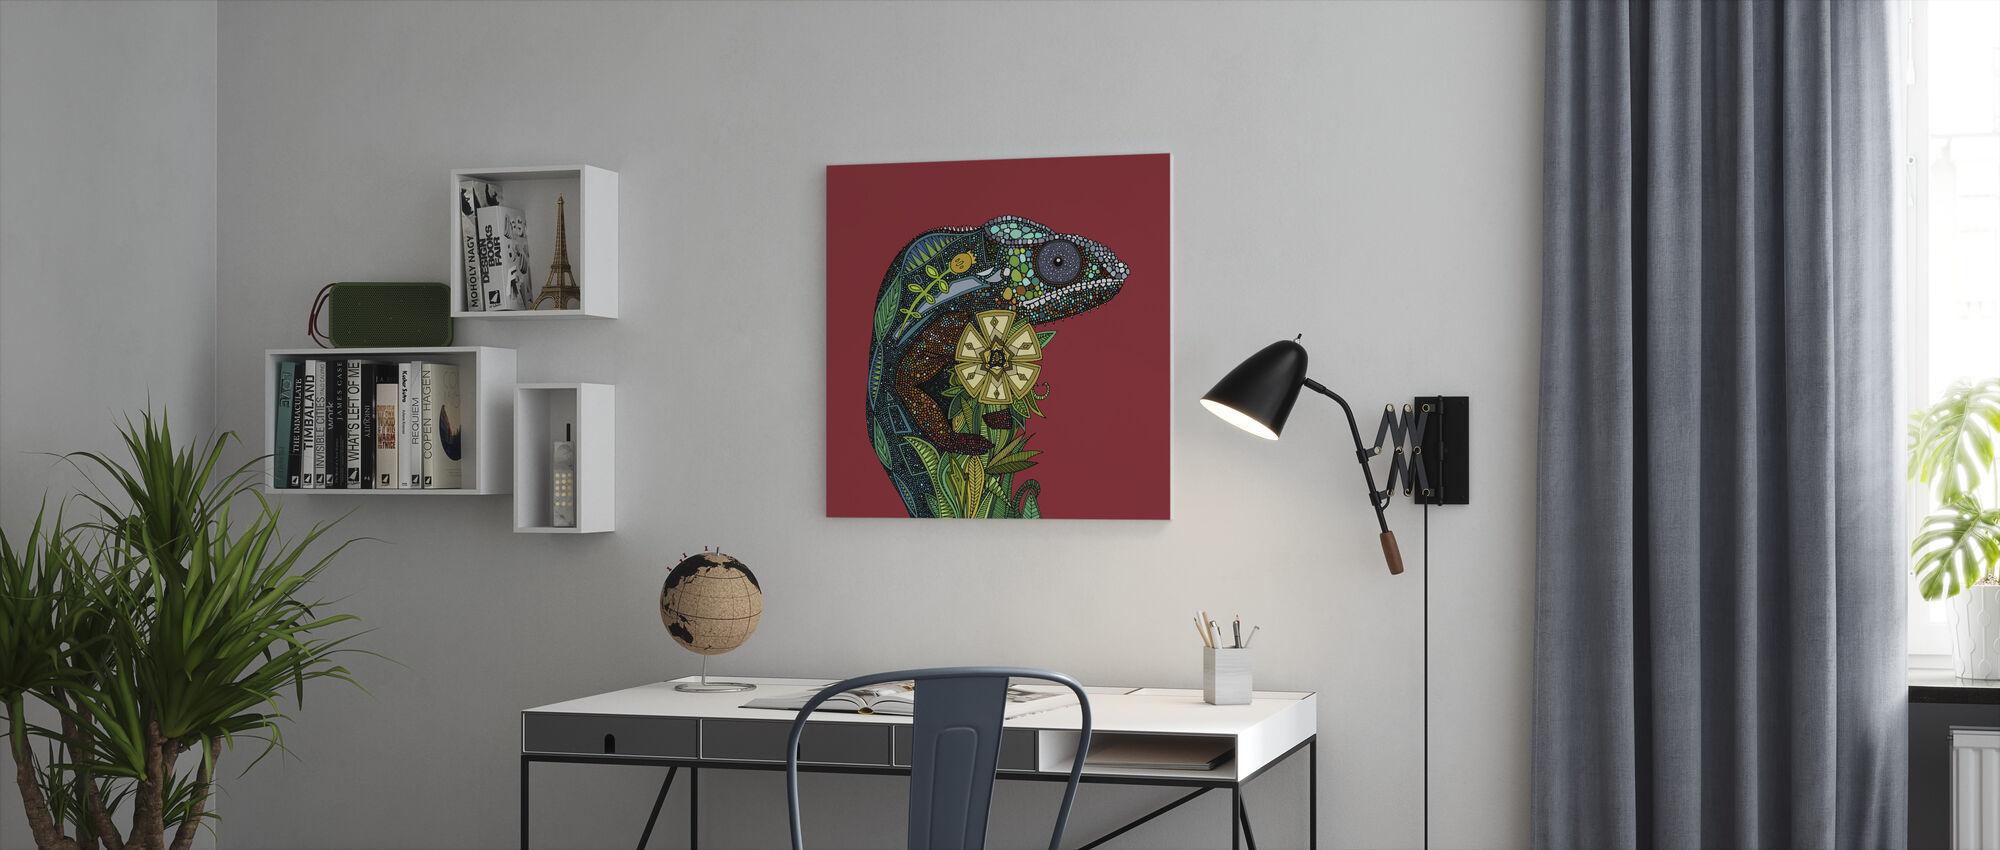 Kameleont - Canvastavla - Kontor